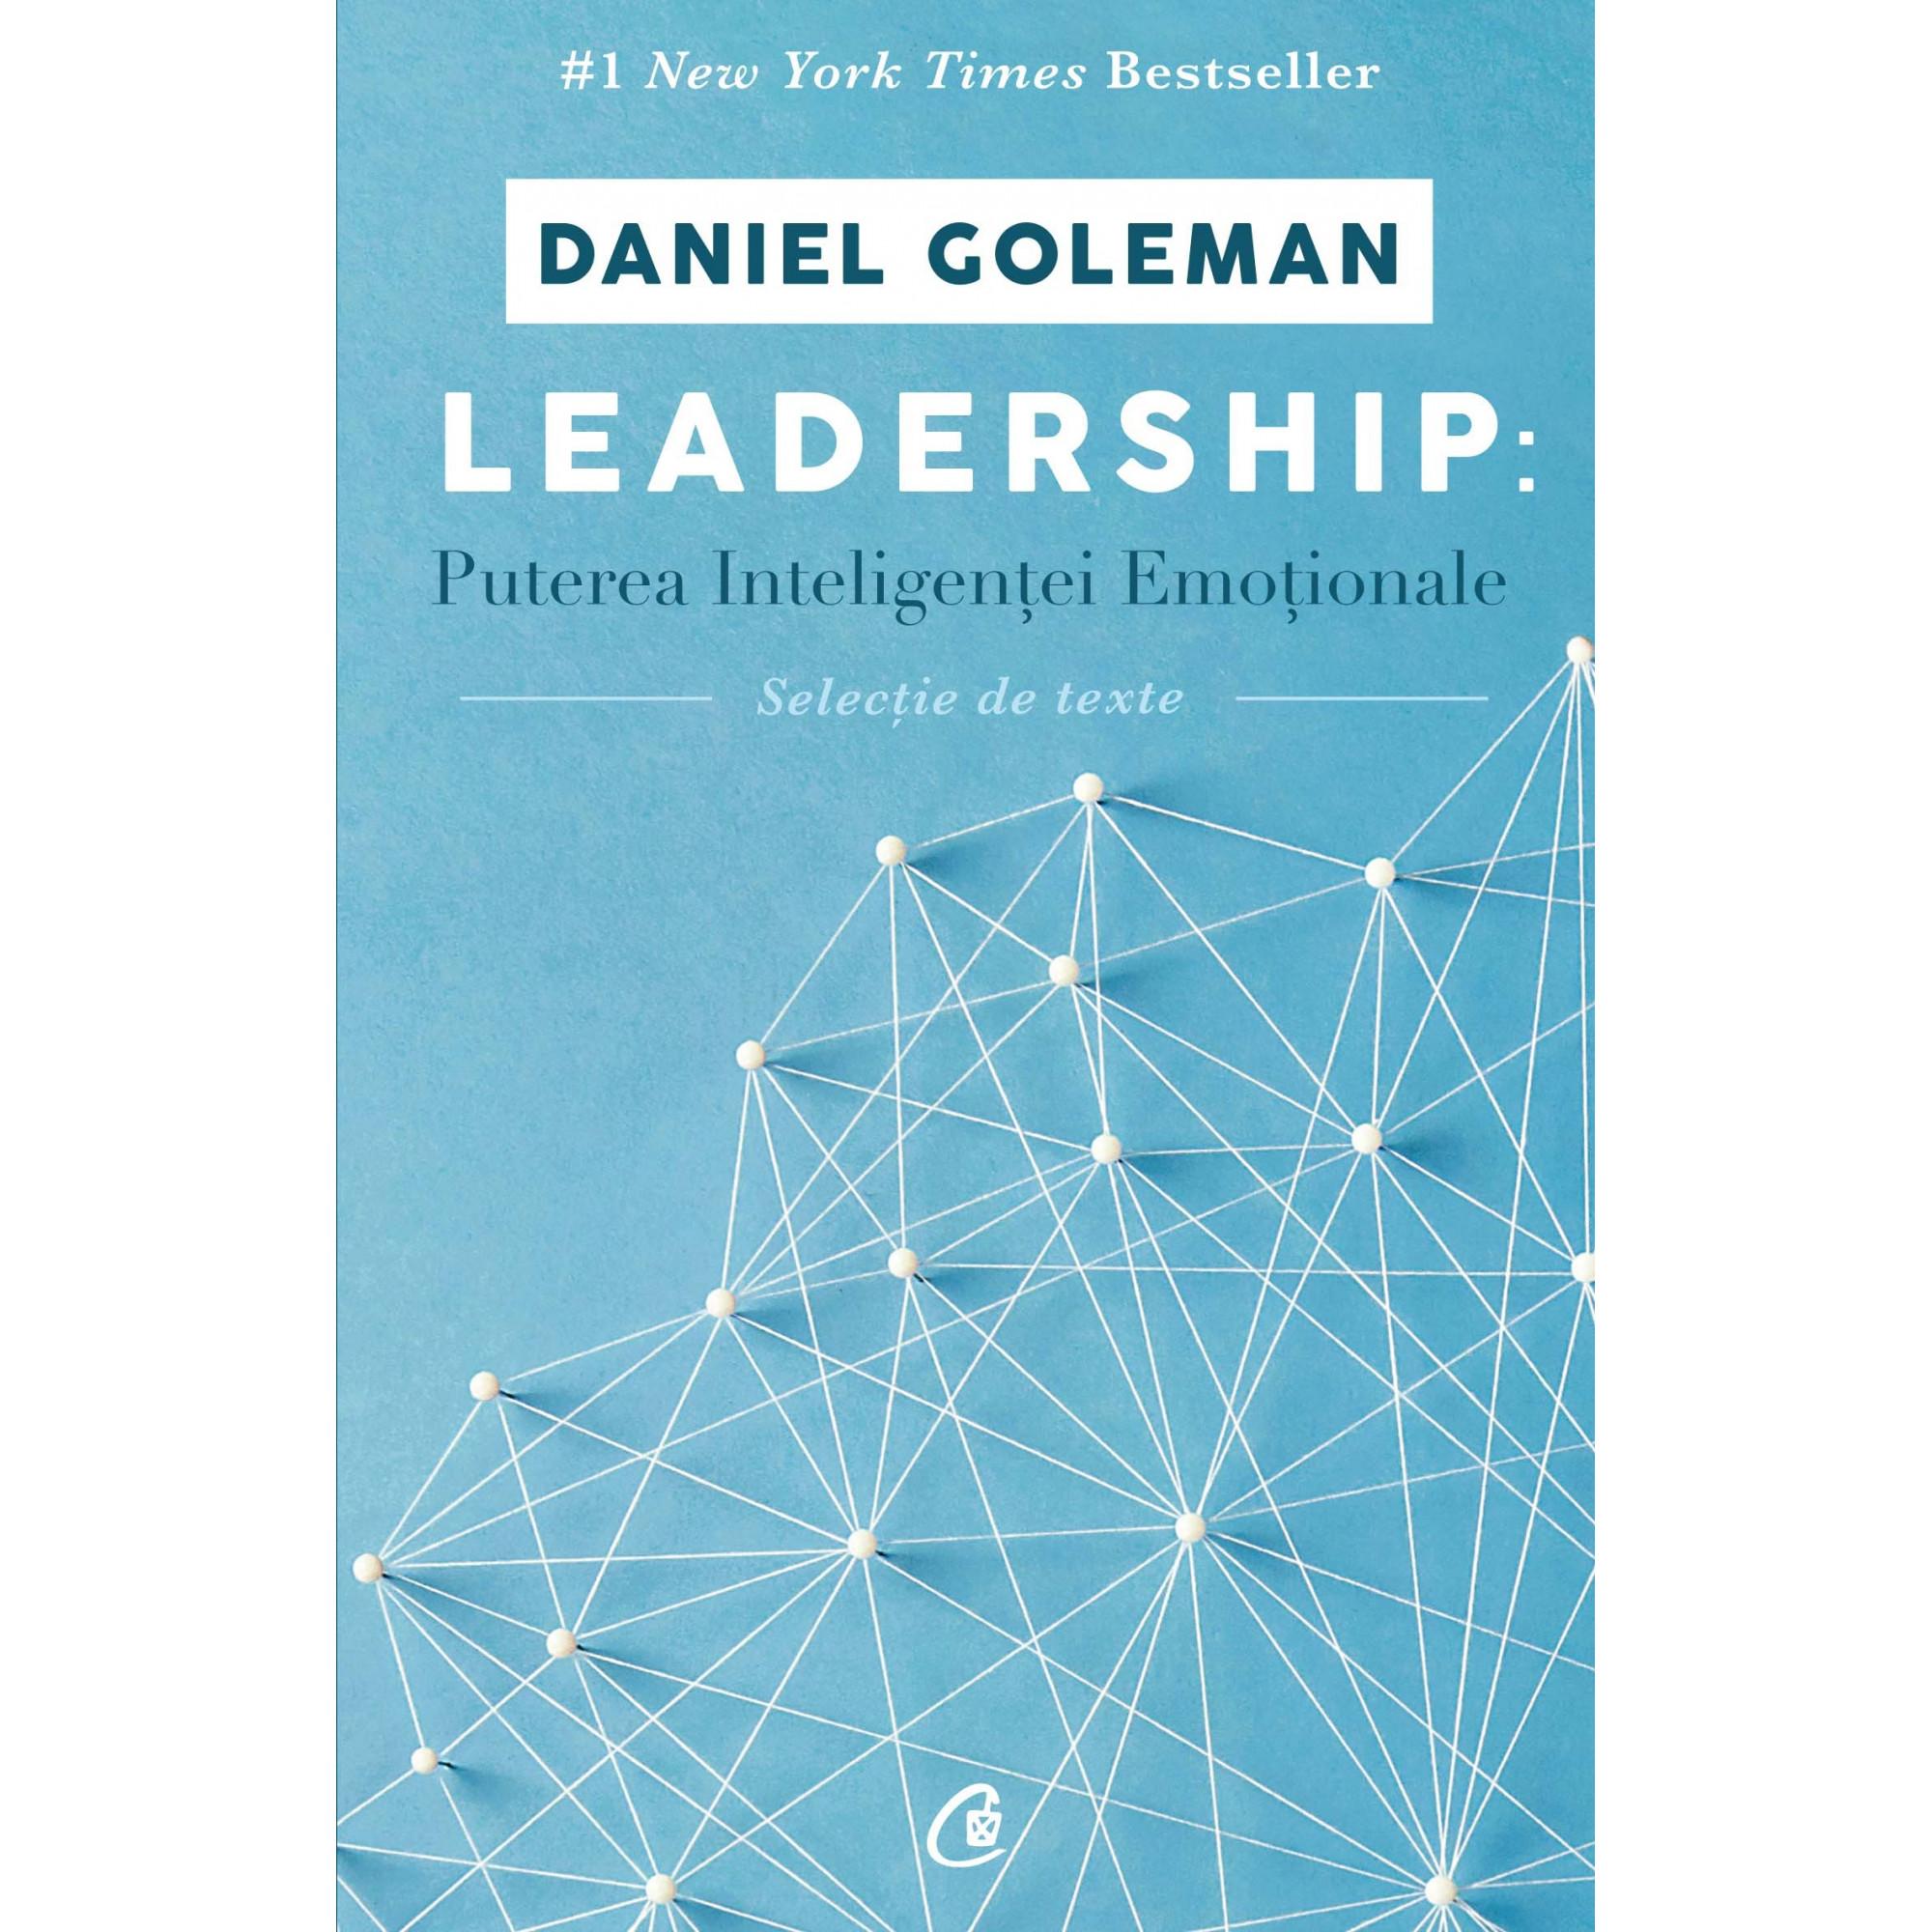 Leadership: Puterea inteligenței emoționale. (selecție de texte); Daniel Goleman